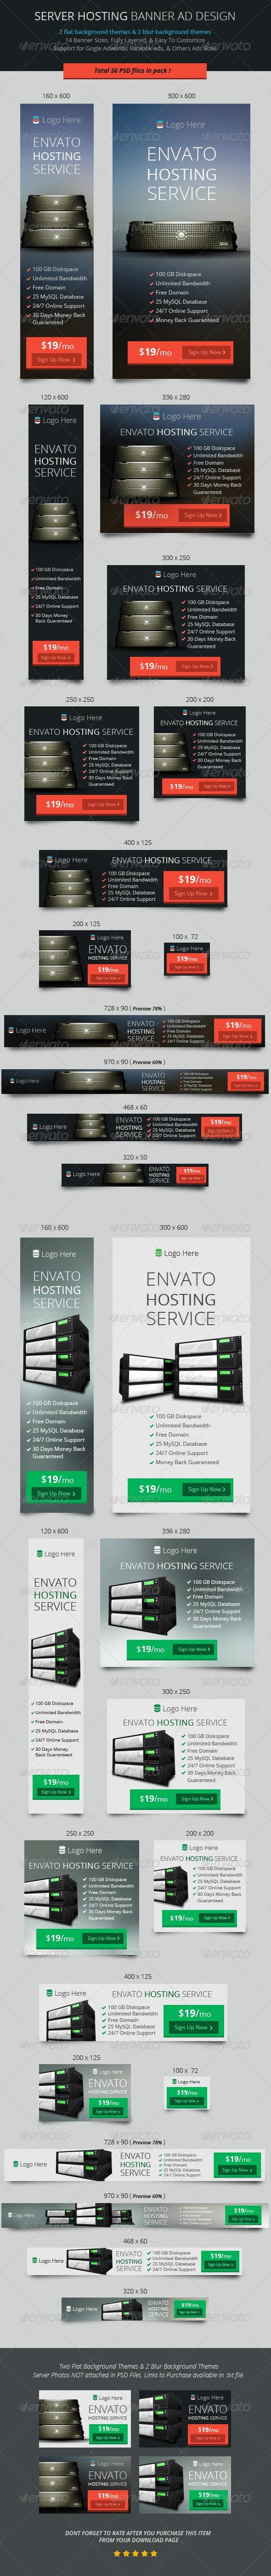 Server Hosting Banner ad Design - Banners & Ads Web Elements